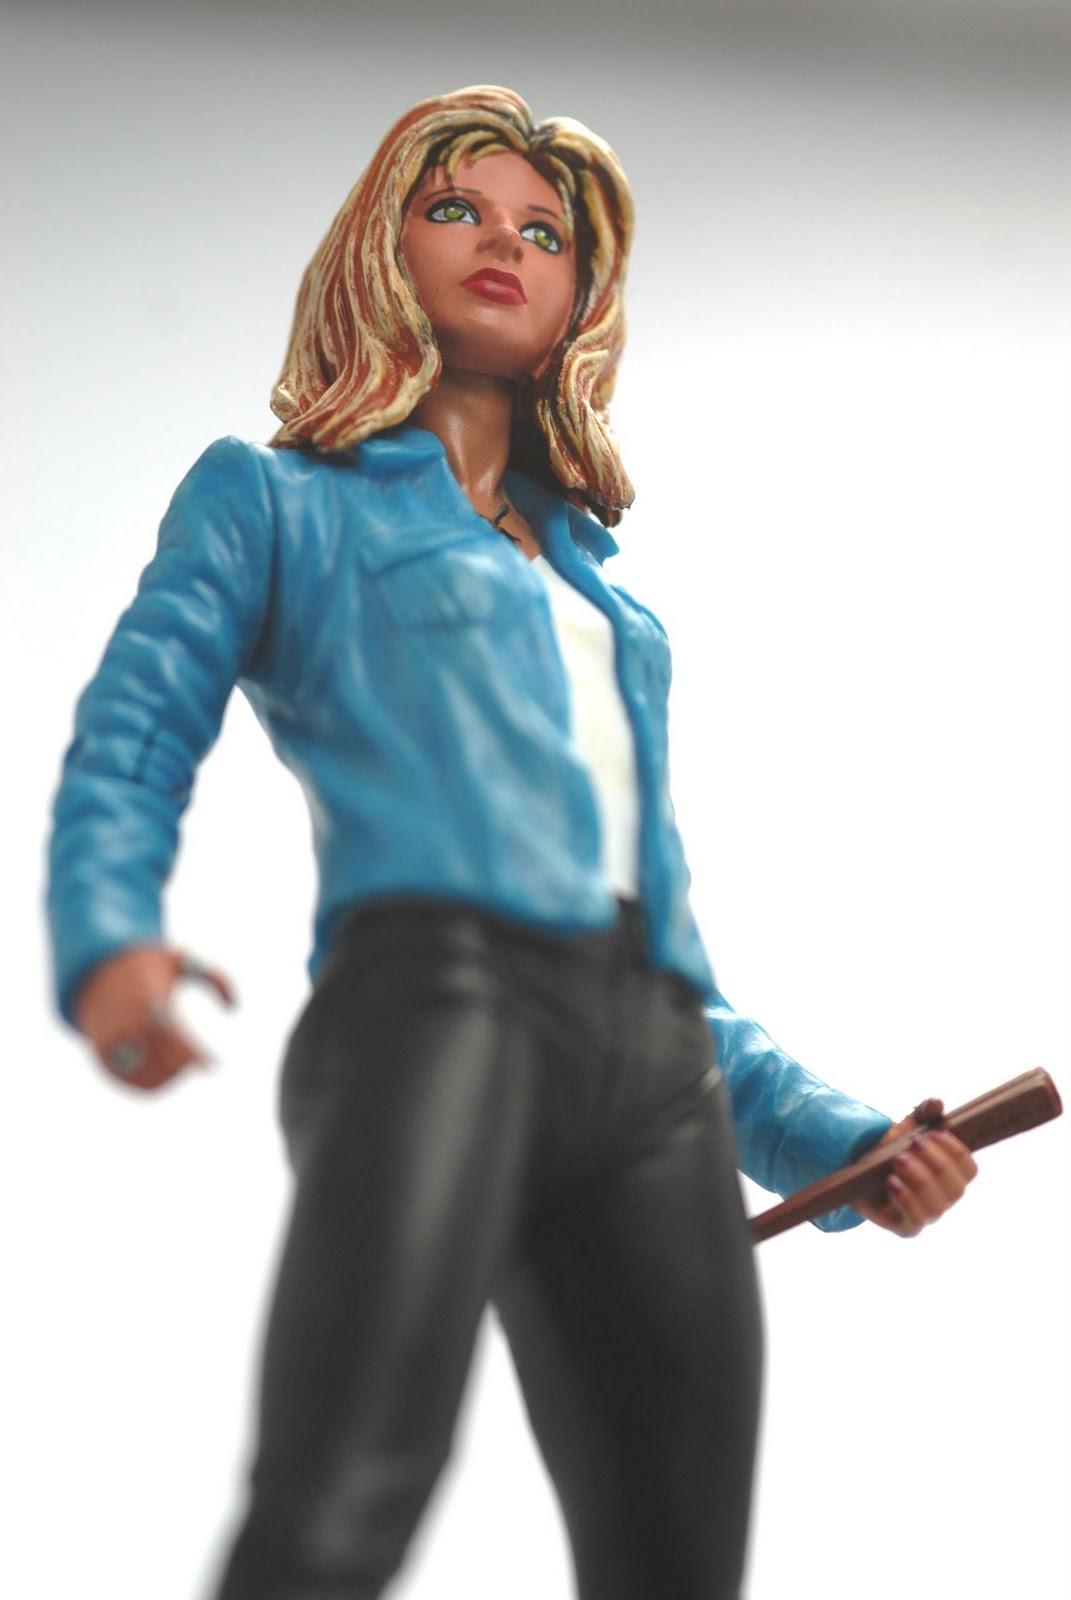 http://4.bp.blogspot.com/-_XiDauqsA30/ToqVgfpOb7I/AAAAAAAAARo/50oOQ_501Aw/s1600/Buffy_0084.jpg